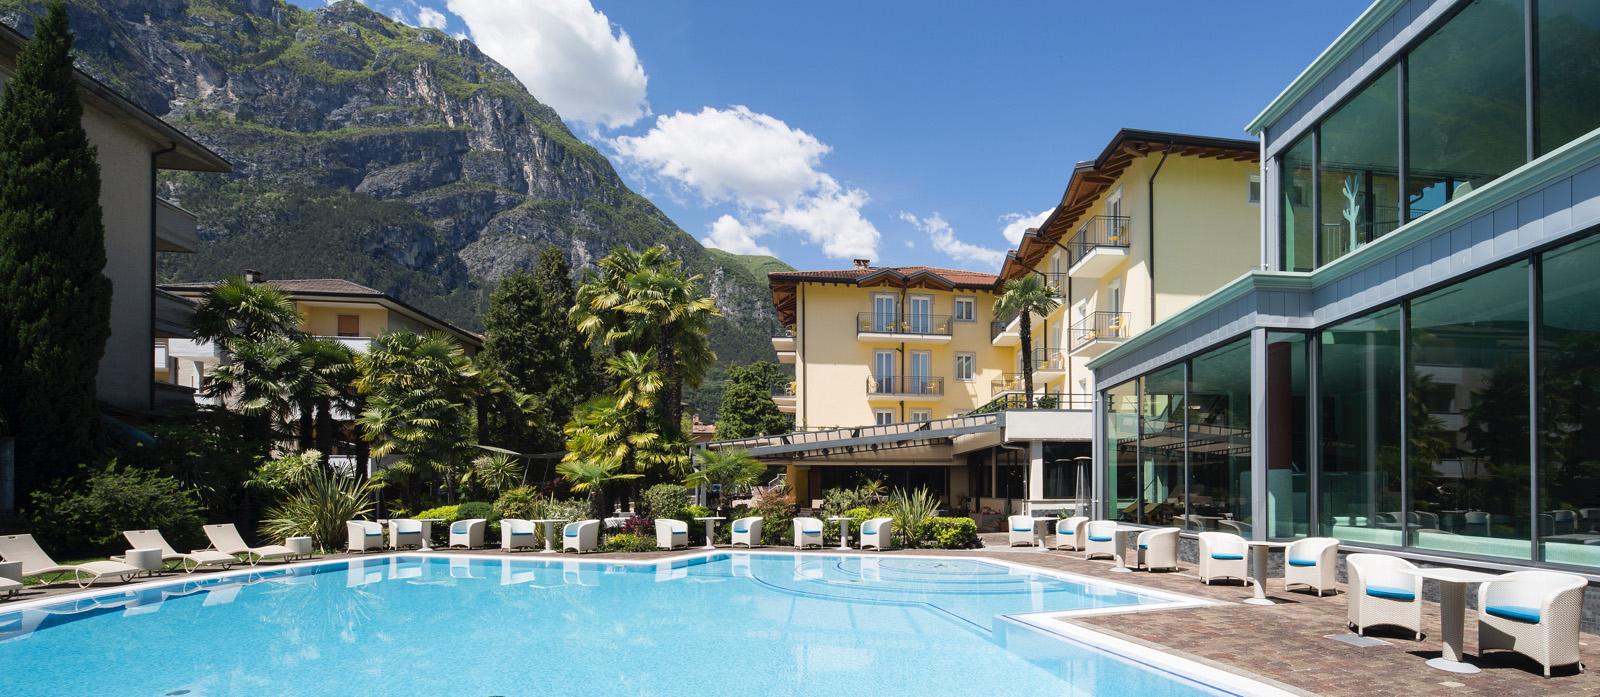 Alberghi Hotel 4 Stelle Con Centro Benessere Spa E Wellness